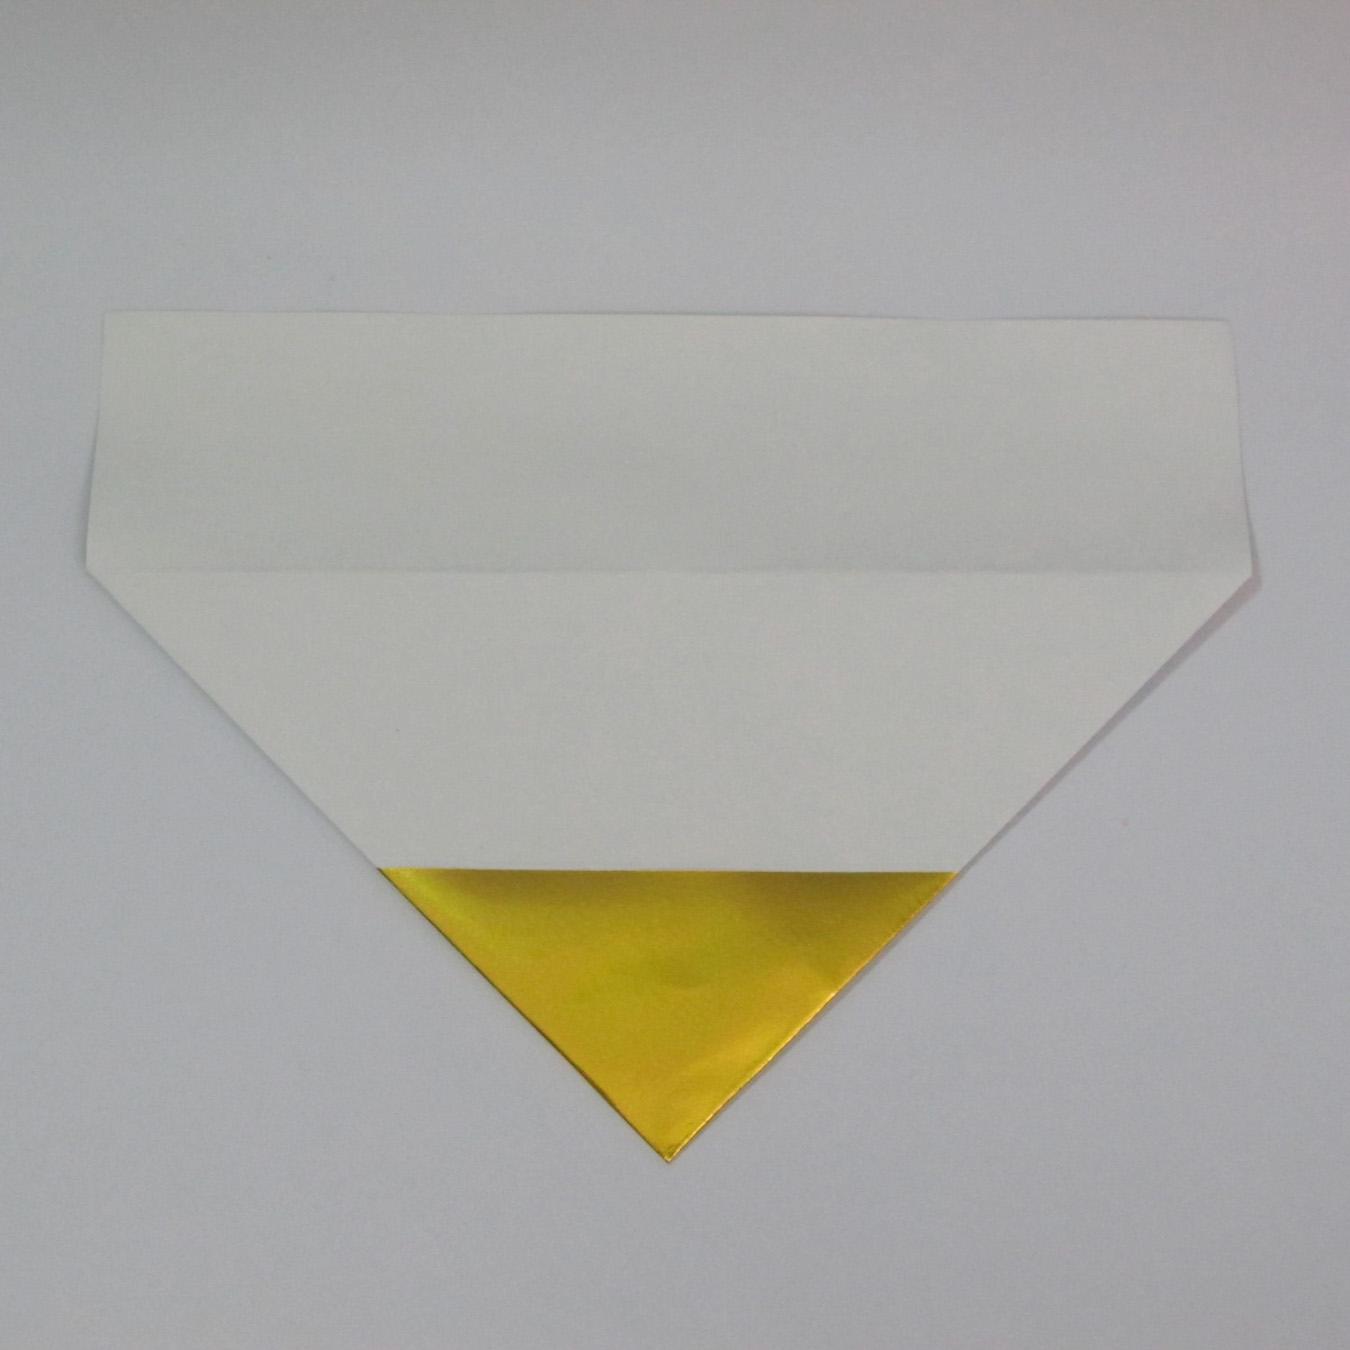 วิธีพับกระดาษเป็นรูปหัวใจติดปีก (Heart Wing Origami) 008